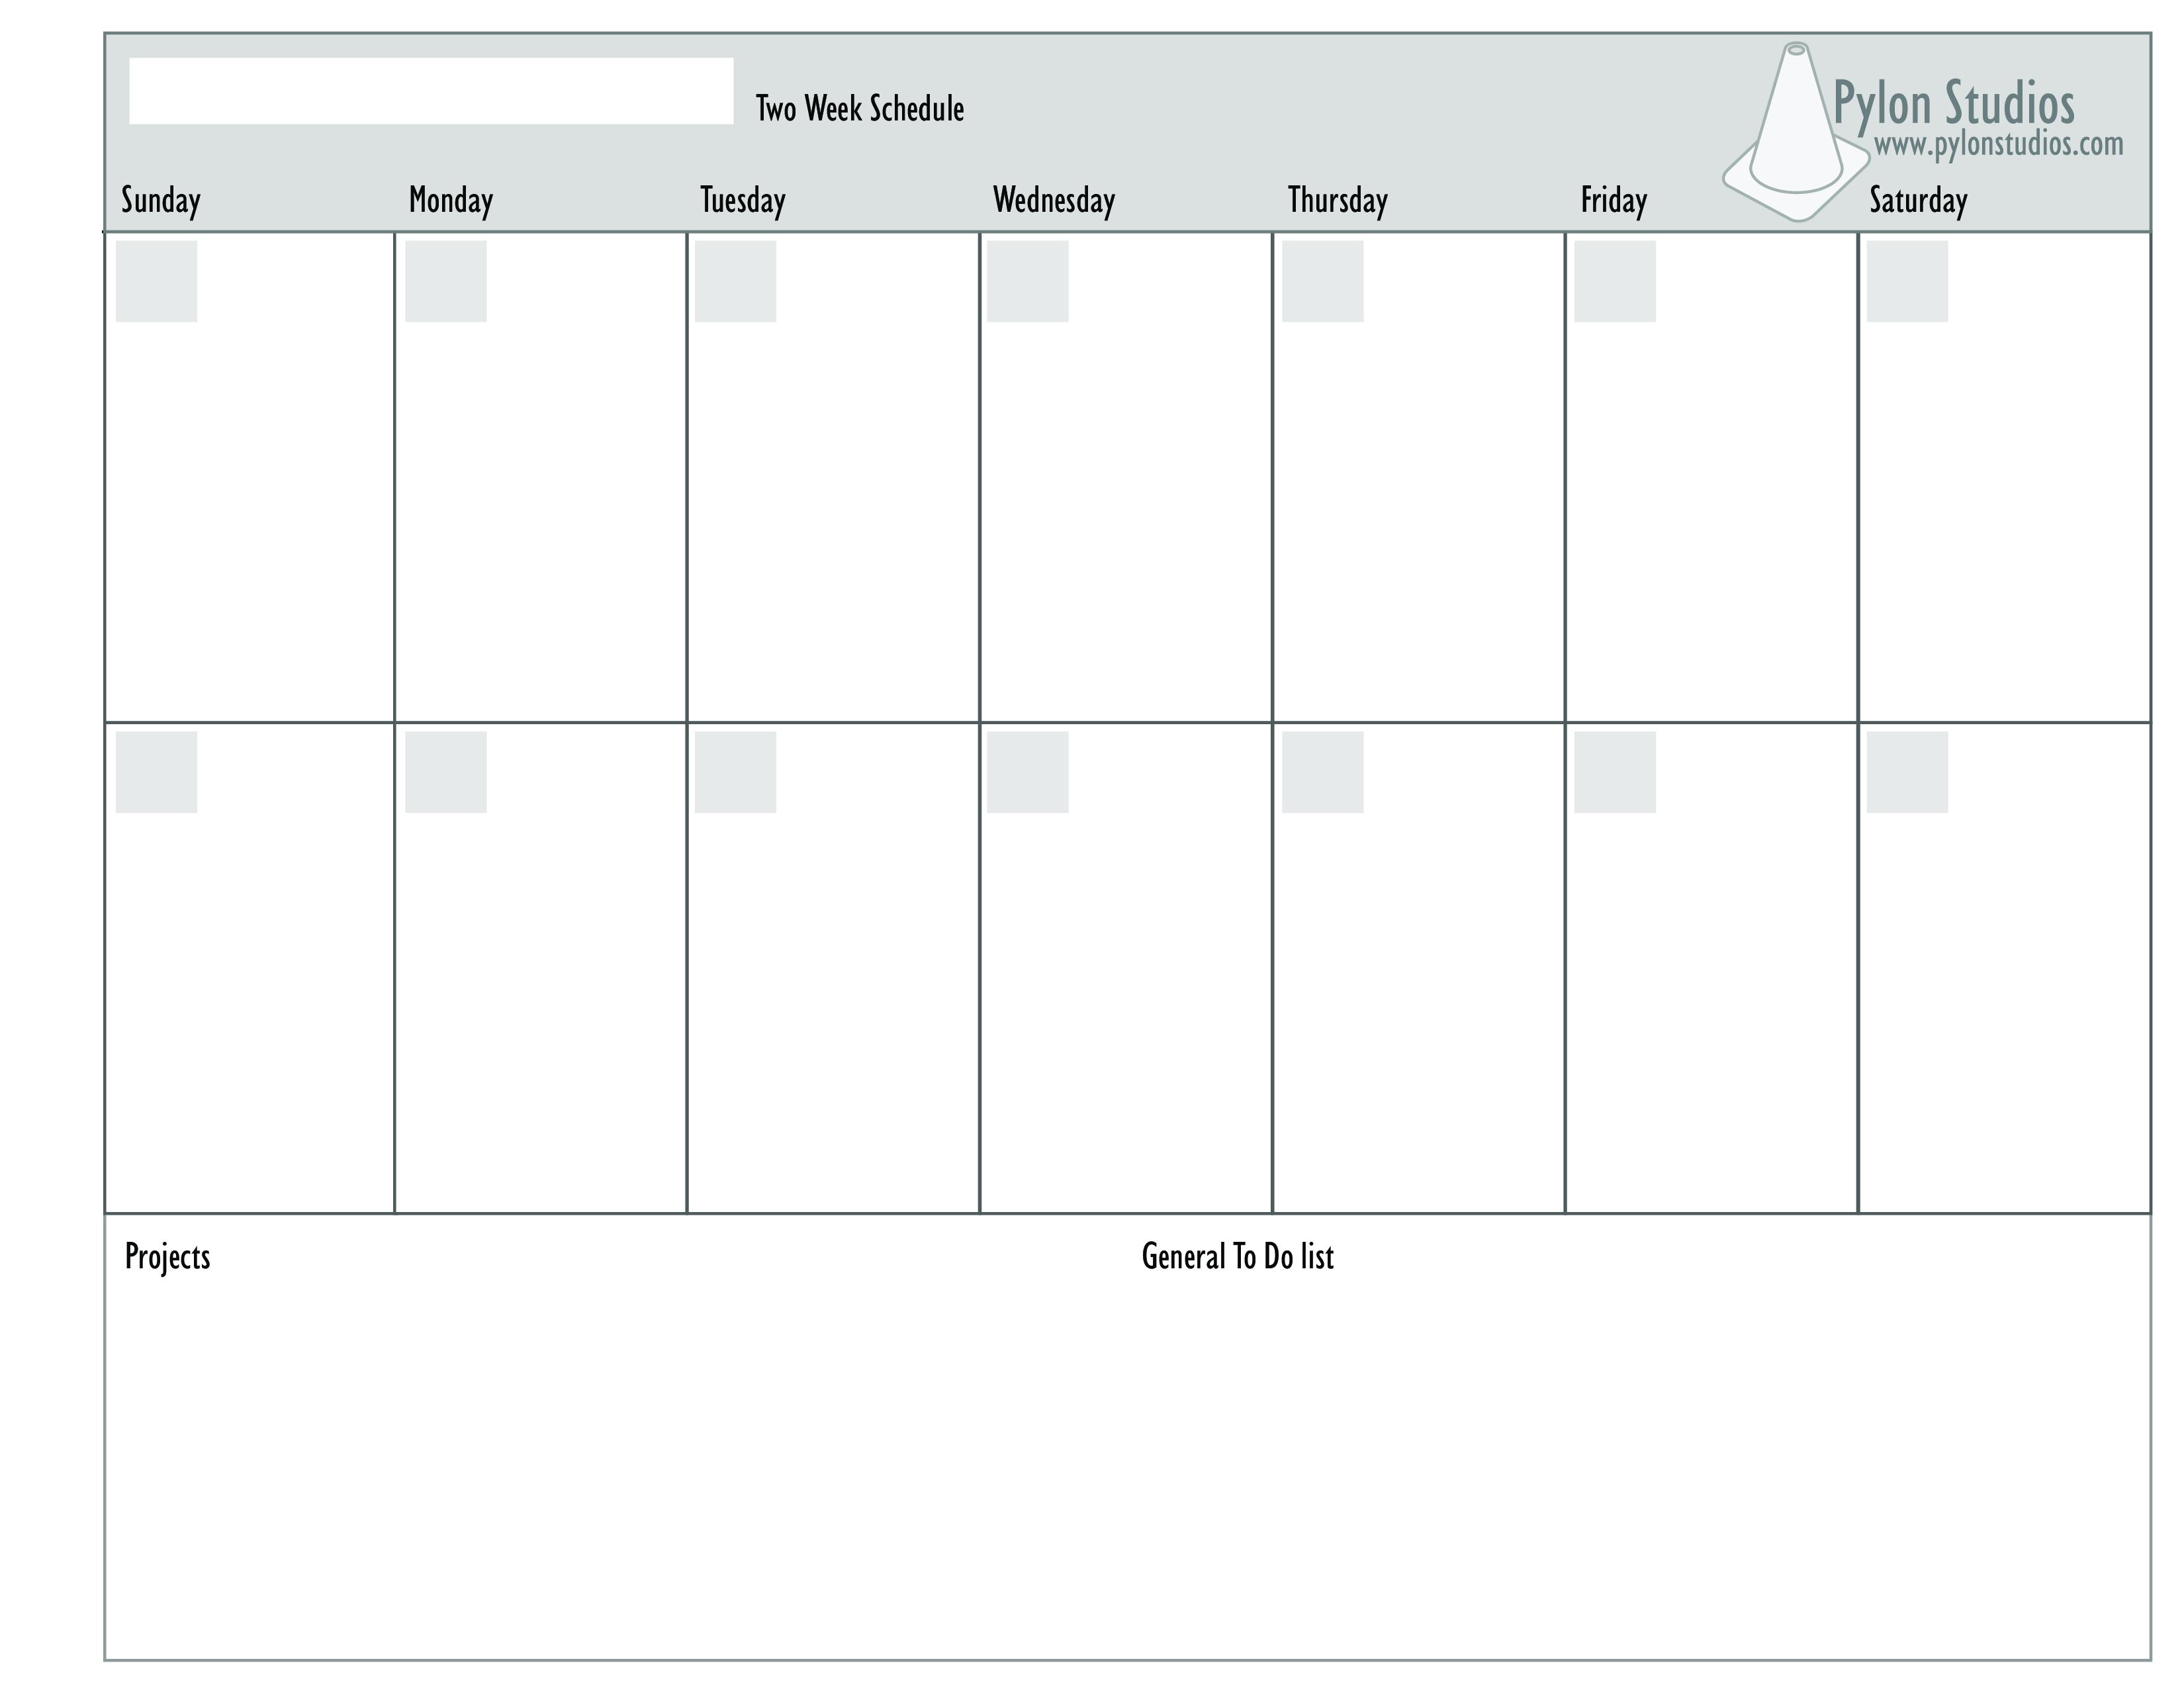 035 Template Ideas Printable Weekly Schedule Free Week inside Weekly Calendar With Time Slots Pdf